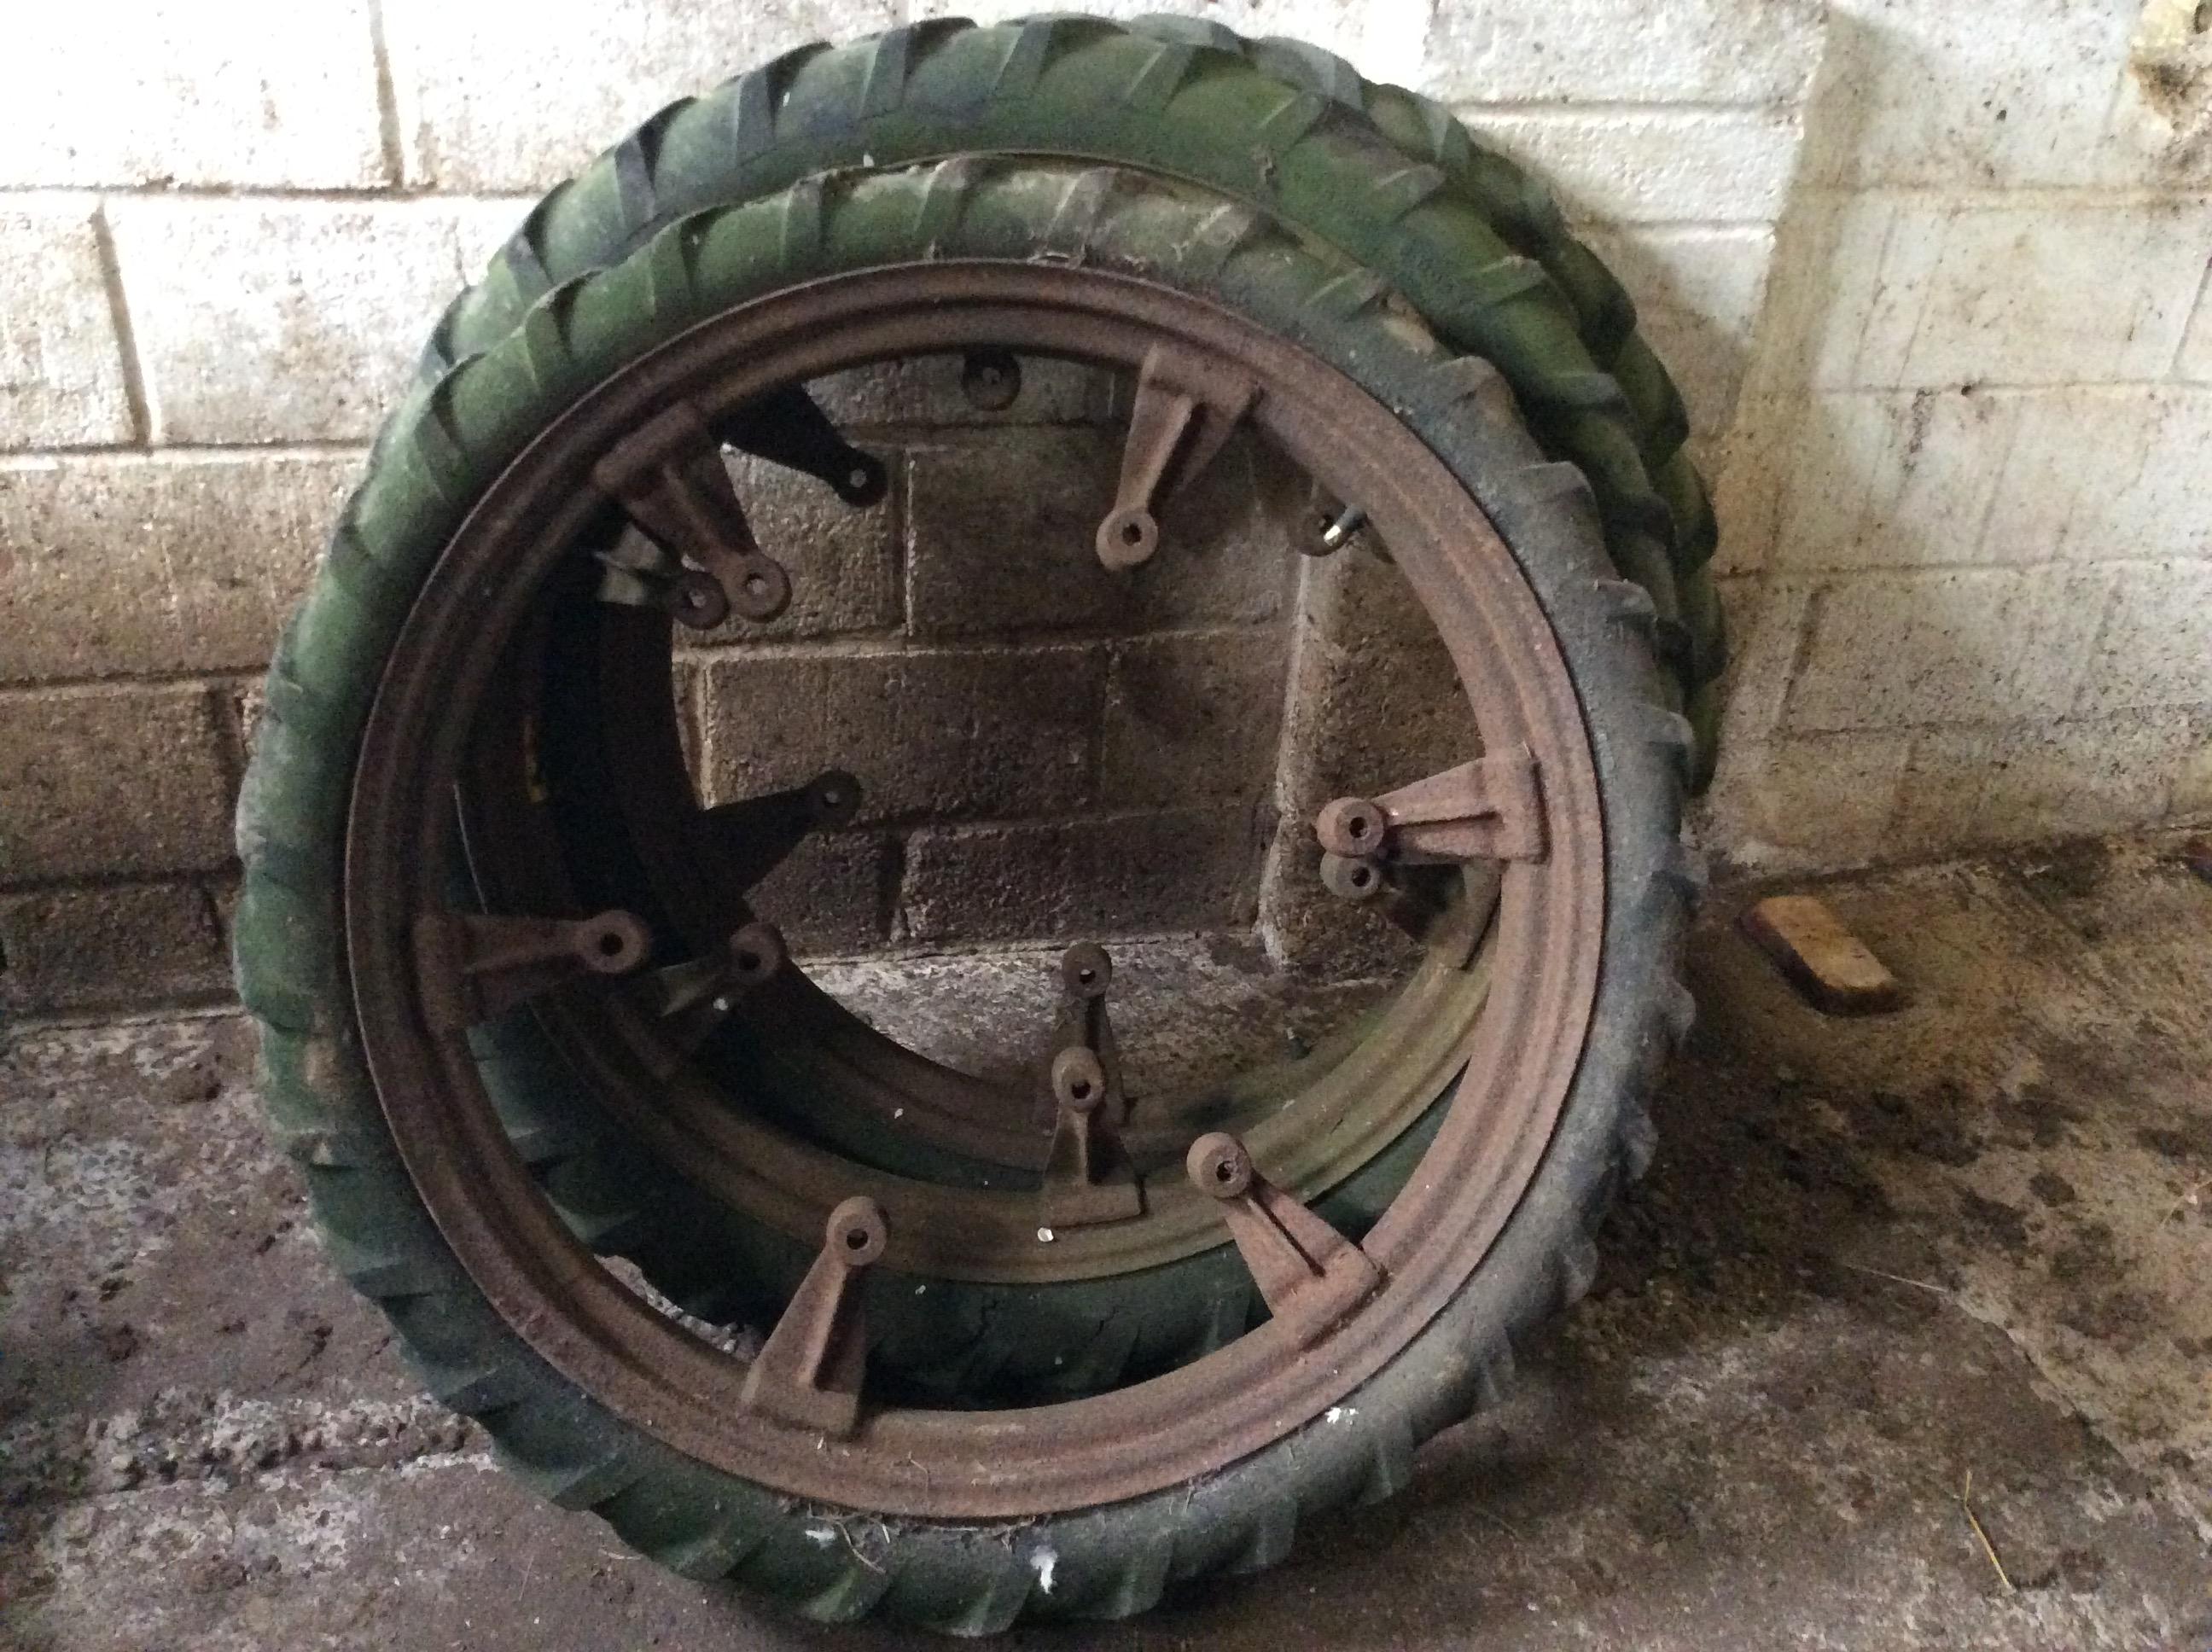 Lot 15 - 3 x Row crop wheels which fid a little gray Fergie.